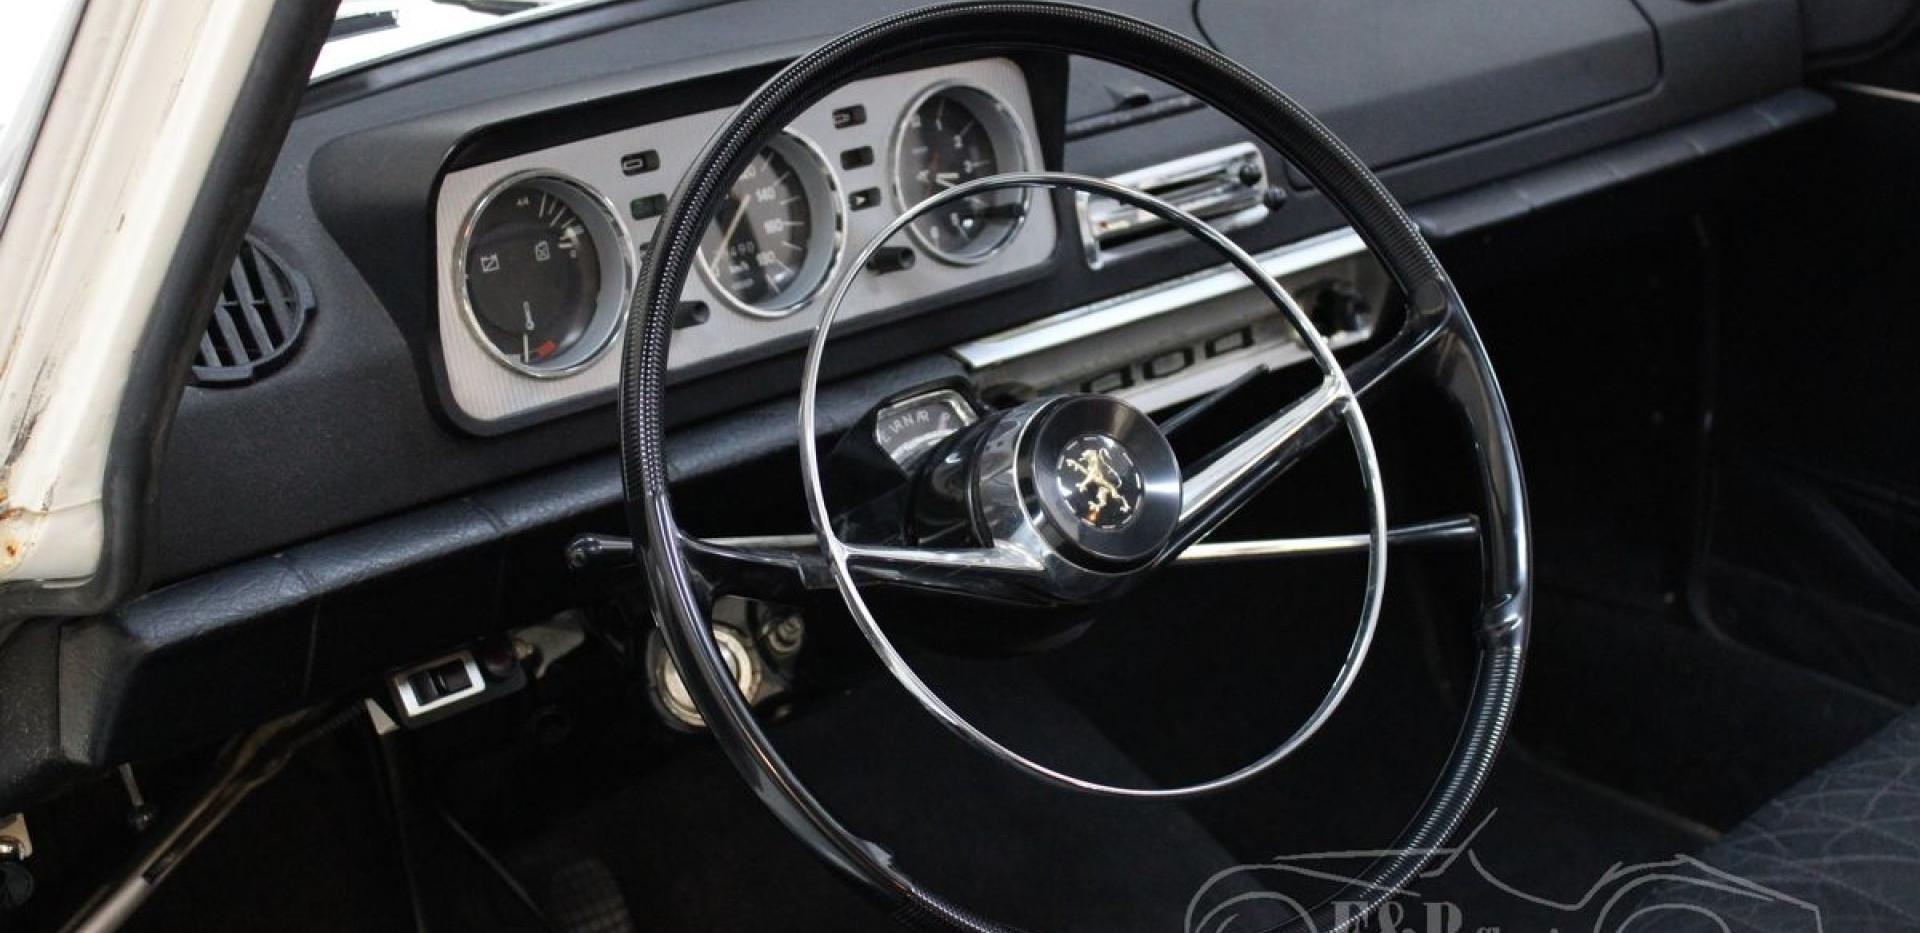 peugeot-404-1967-p5516-057.jpg